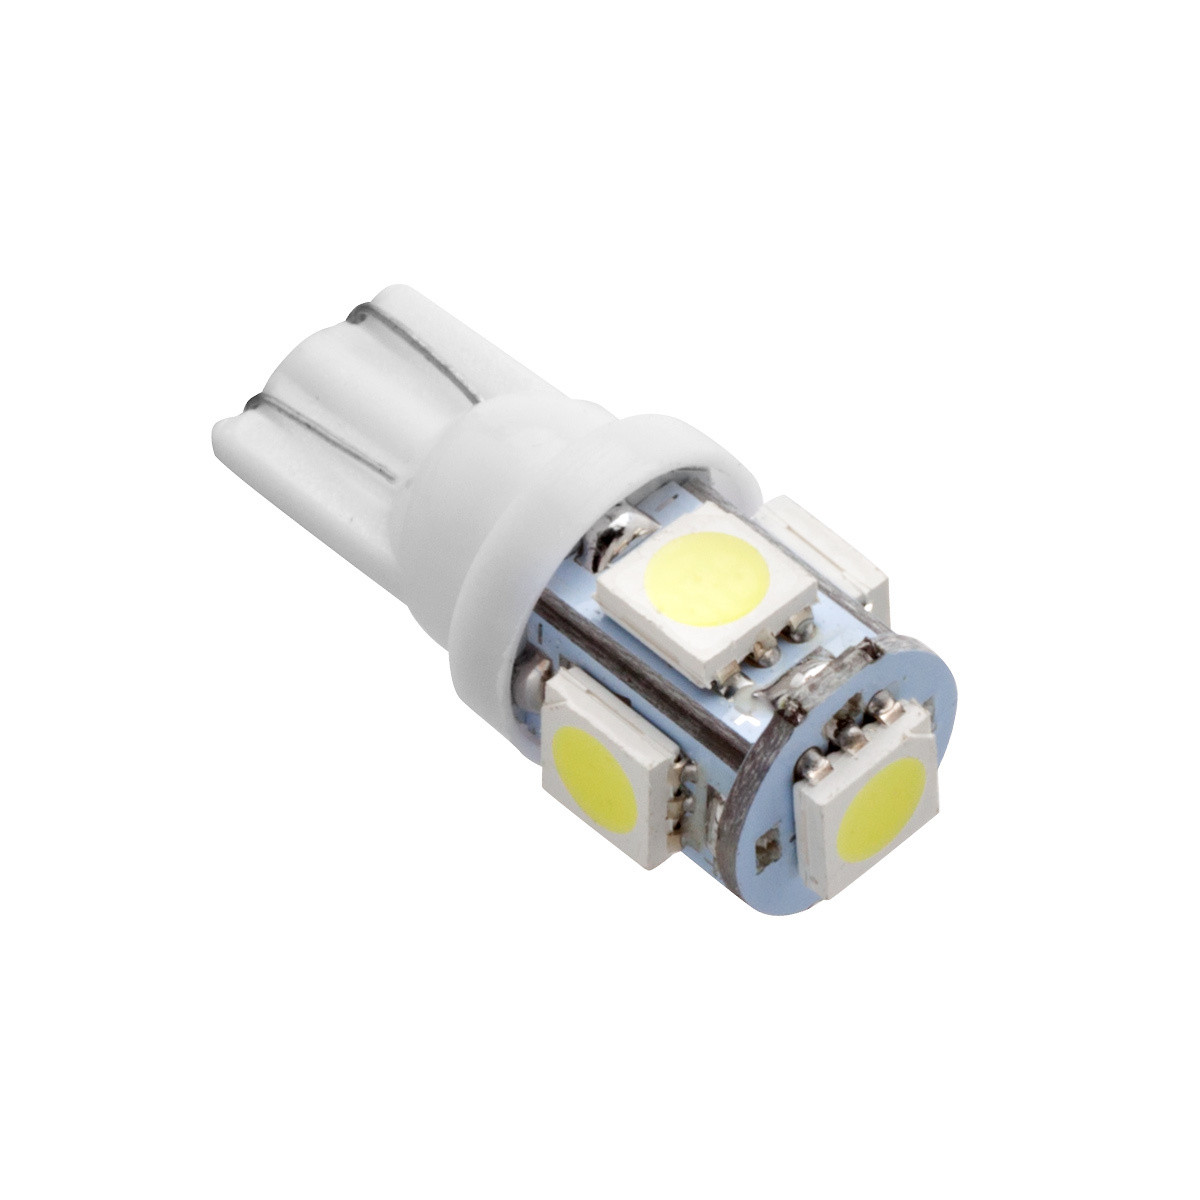 Світлодіод АвтоСвіт T10 5SMD W2.1x9.5d White (avs-12T10-W/5SMD) 930132